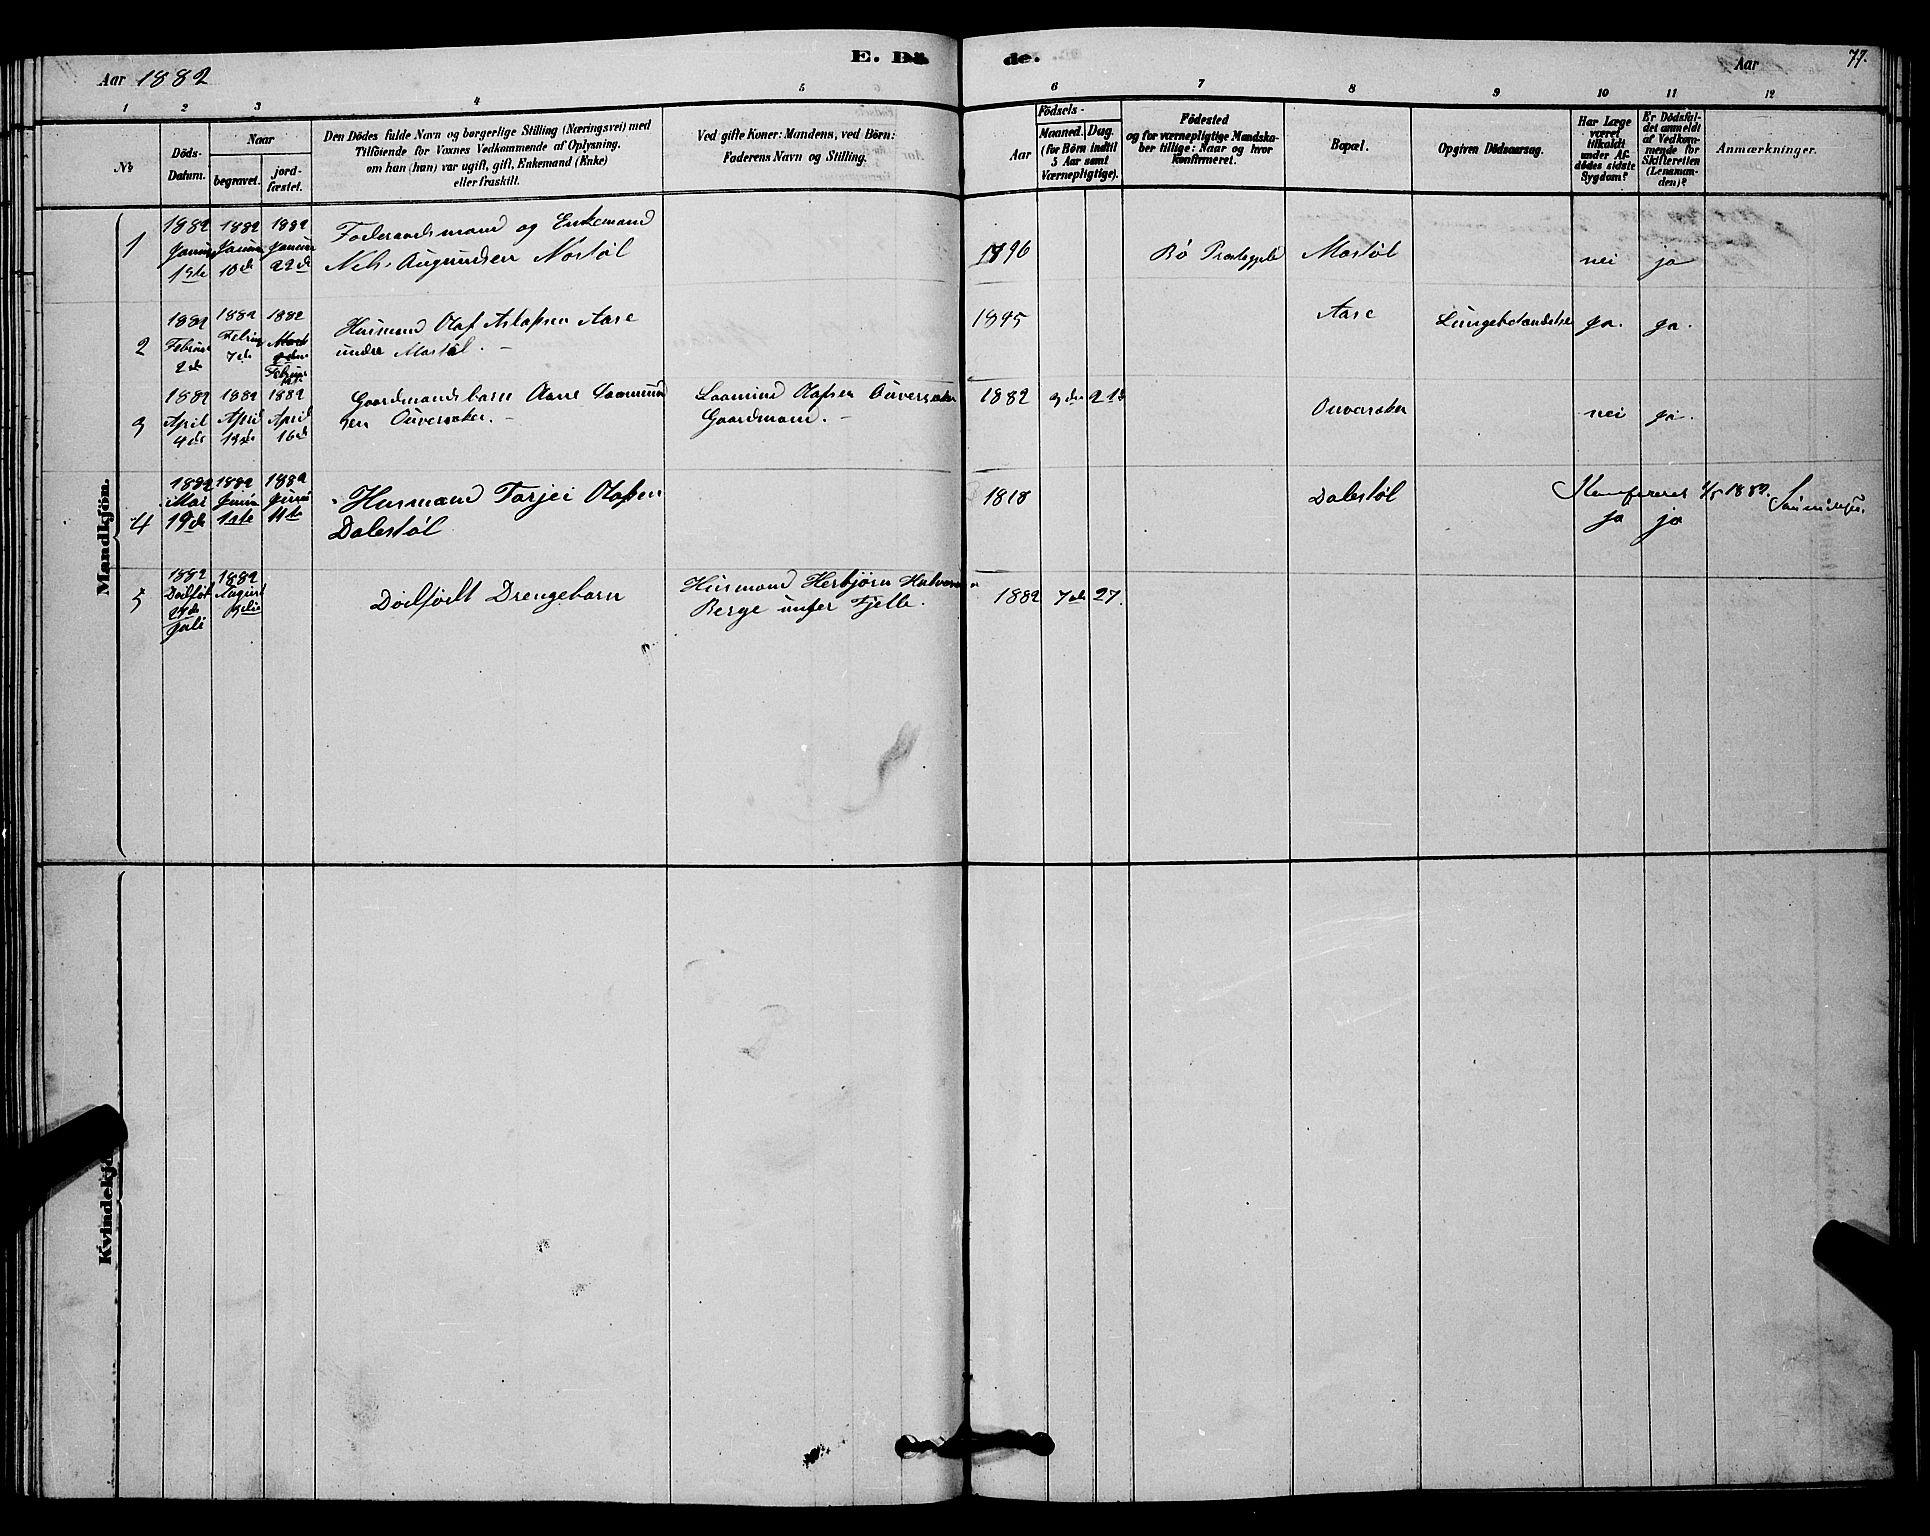 SAKO, Lårdal kirkebøker, G/Gc/L0003: Klokkerbok nr. III 3, 1878-1890, s. 77